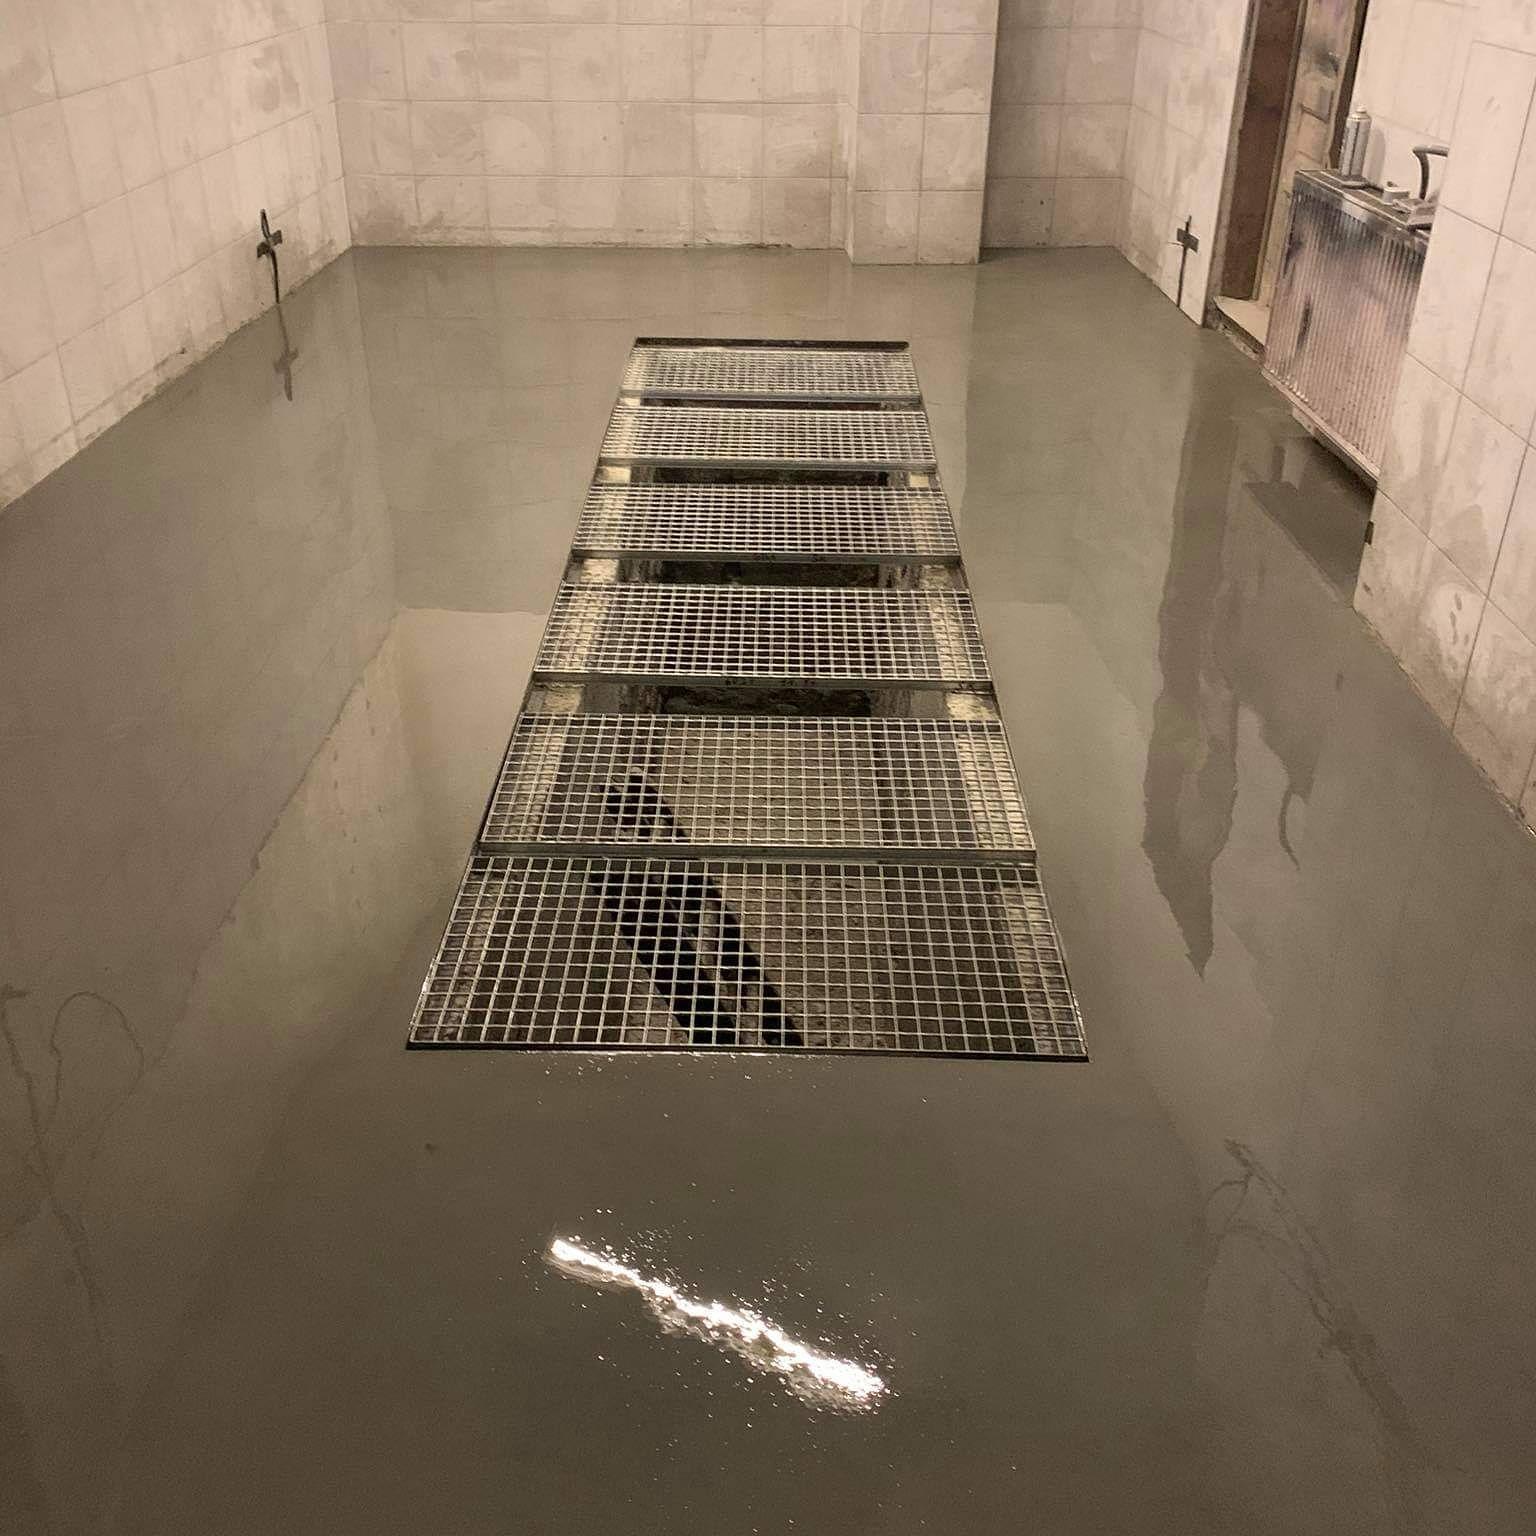 Martin 21m2 pancierová podlaha - Obrázok č. 1